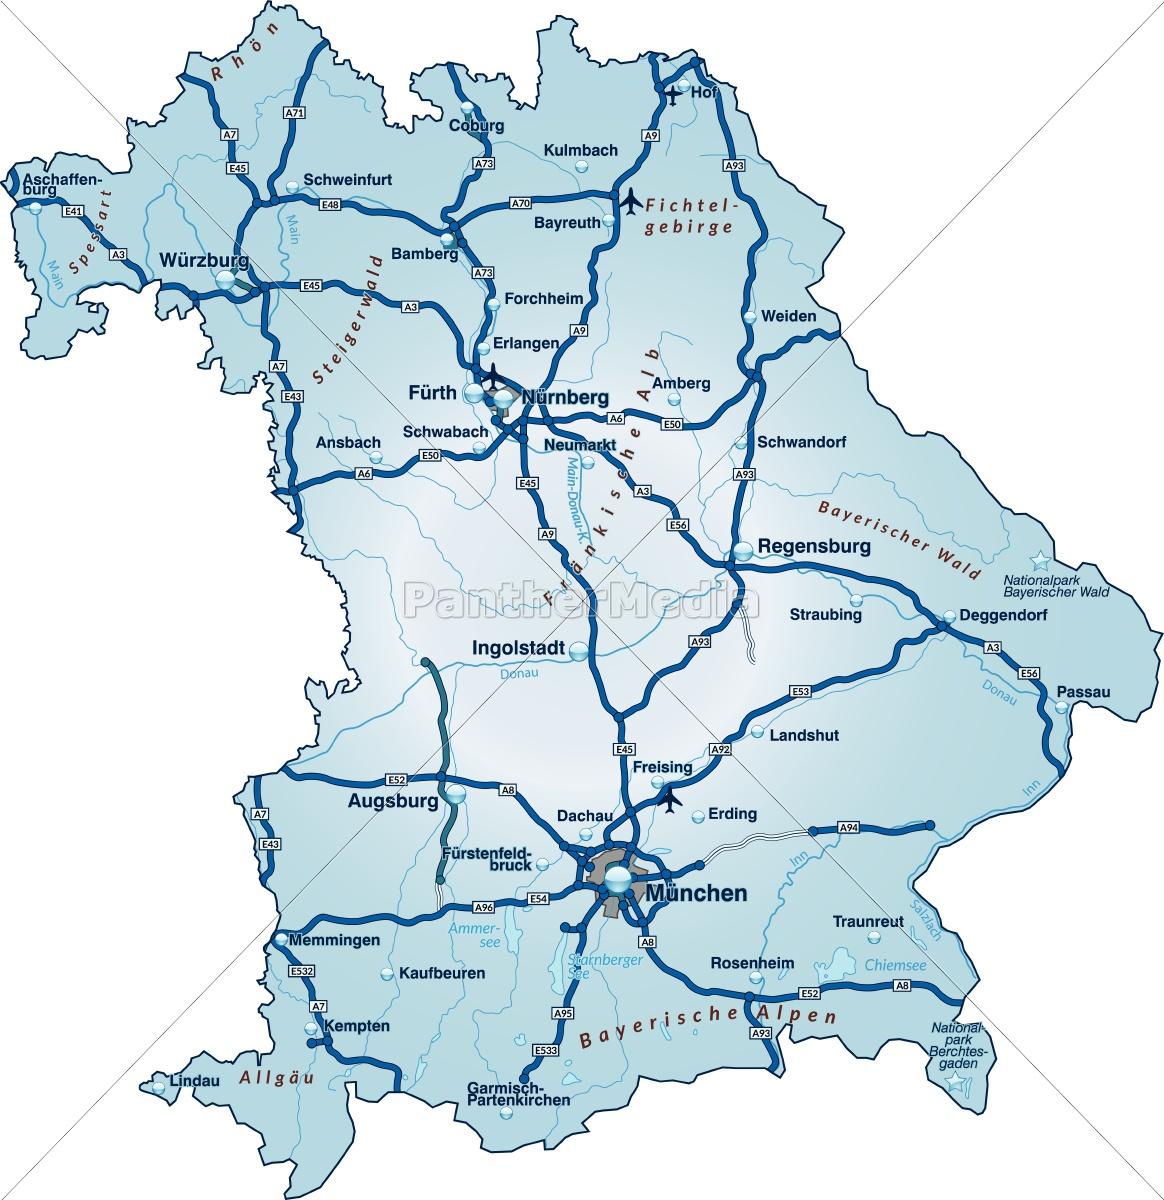 Karte Bayern.Lizenzfreie Vektorgrafik 10638827 Karte Von Bayern Mit Verkehrsnetz In Blau